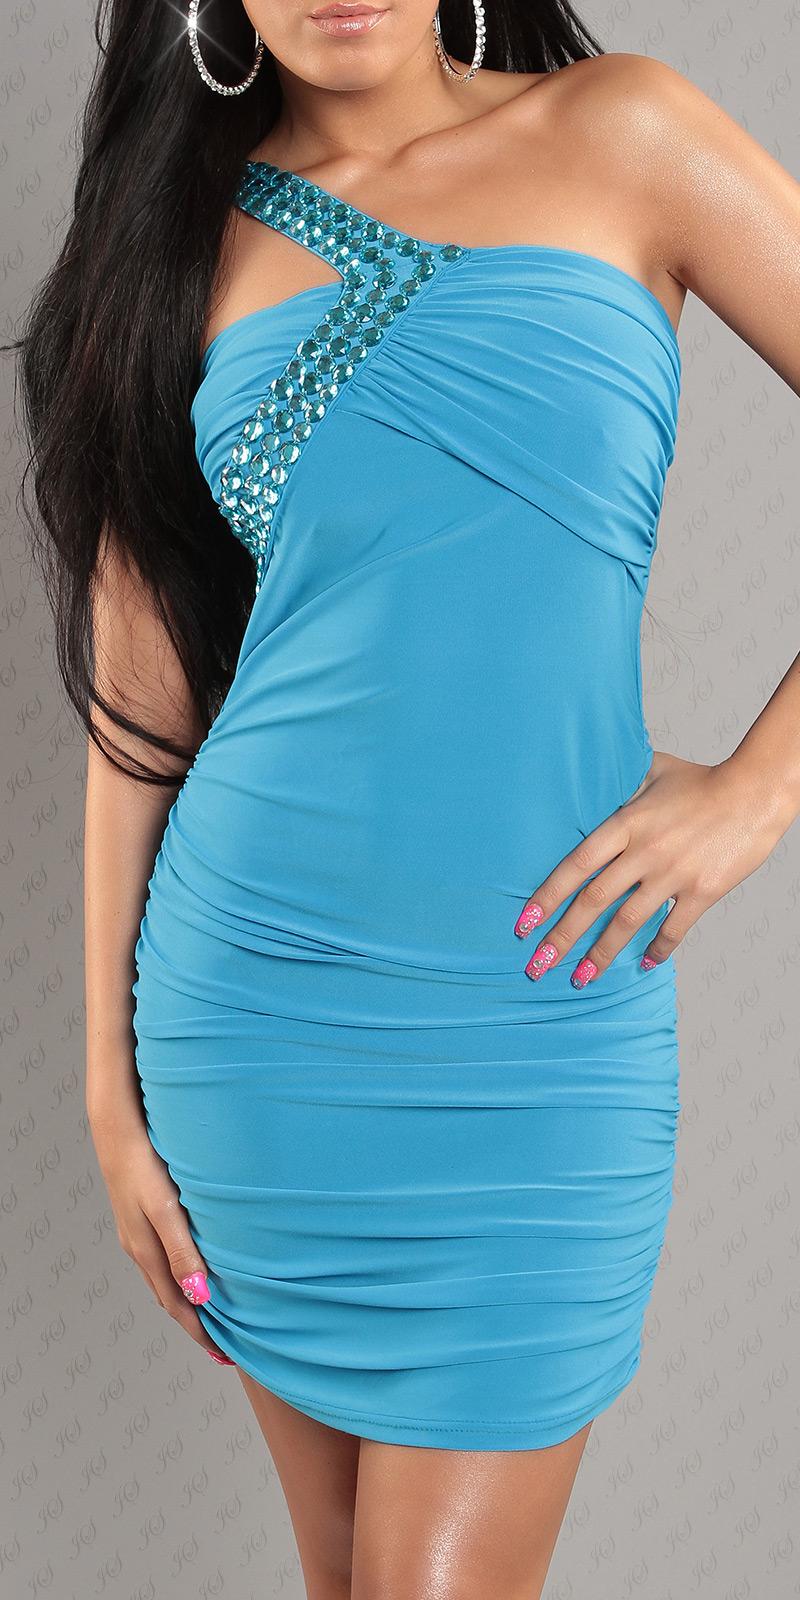 annawear - One Shoulder-Kleid mit Dekosteinen besetzt, türkis